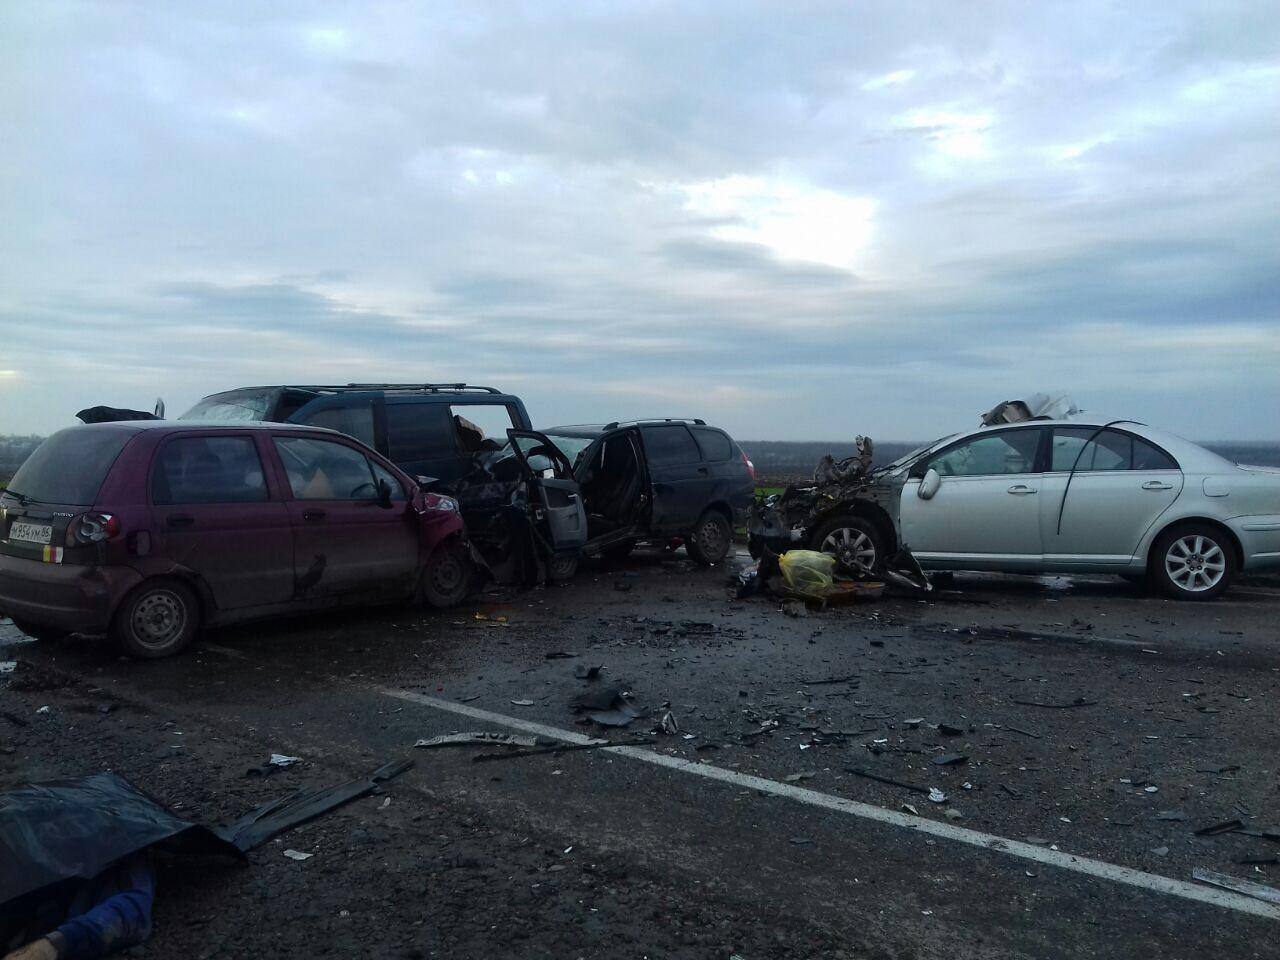 ВТихорецком районе случилось ДТП спятью автомобилями. Погибли два человека